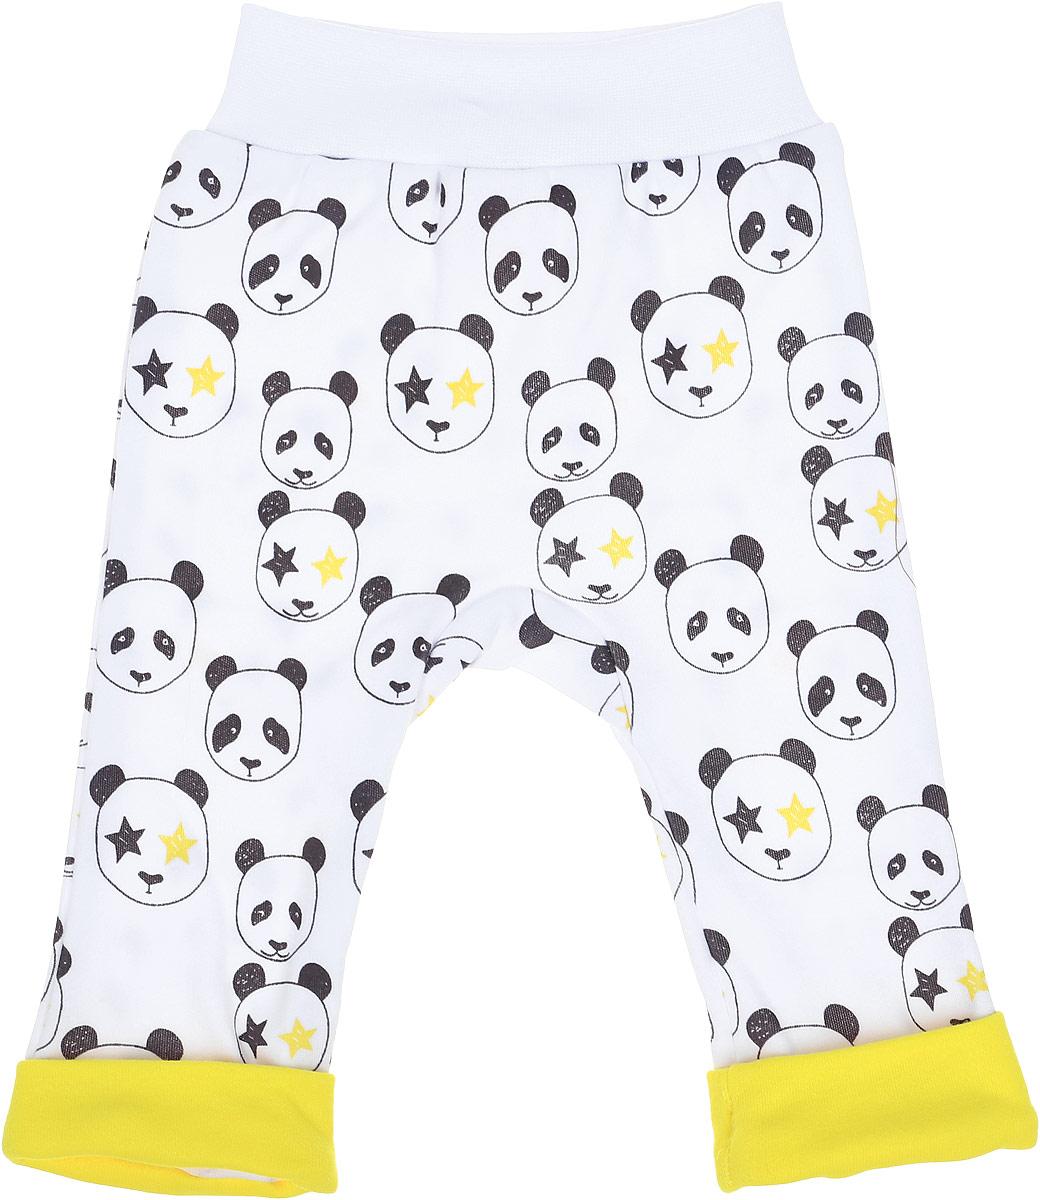 Ползунки КотМарКот Панда Rock, цвет: светло-бежевый, желтый. 5826. Размер 865826Удобные ползунки с открытыми ножками КотМарКот Панда Rock изготовлены из интерлока и оформлены ярким принтом с изображением панд. Модель с декоративными отворотами стандартной посадки на поясе имеет широкую эластичную резинку, которая плотно облегает, но не сдавливает животик ребенка.Материал ползунков мягкий и тактильно приятный, не раздражает нежную кожу ребенка и хорошо пропускает воздух. Изделие полностью соответствует особенностям жизни ребенка в ранний период, не стесняя и не ограничивая его в движениях.